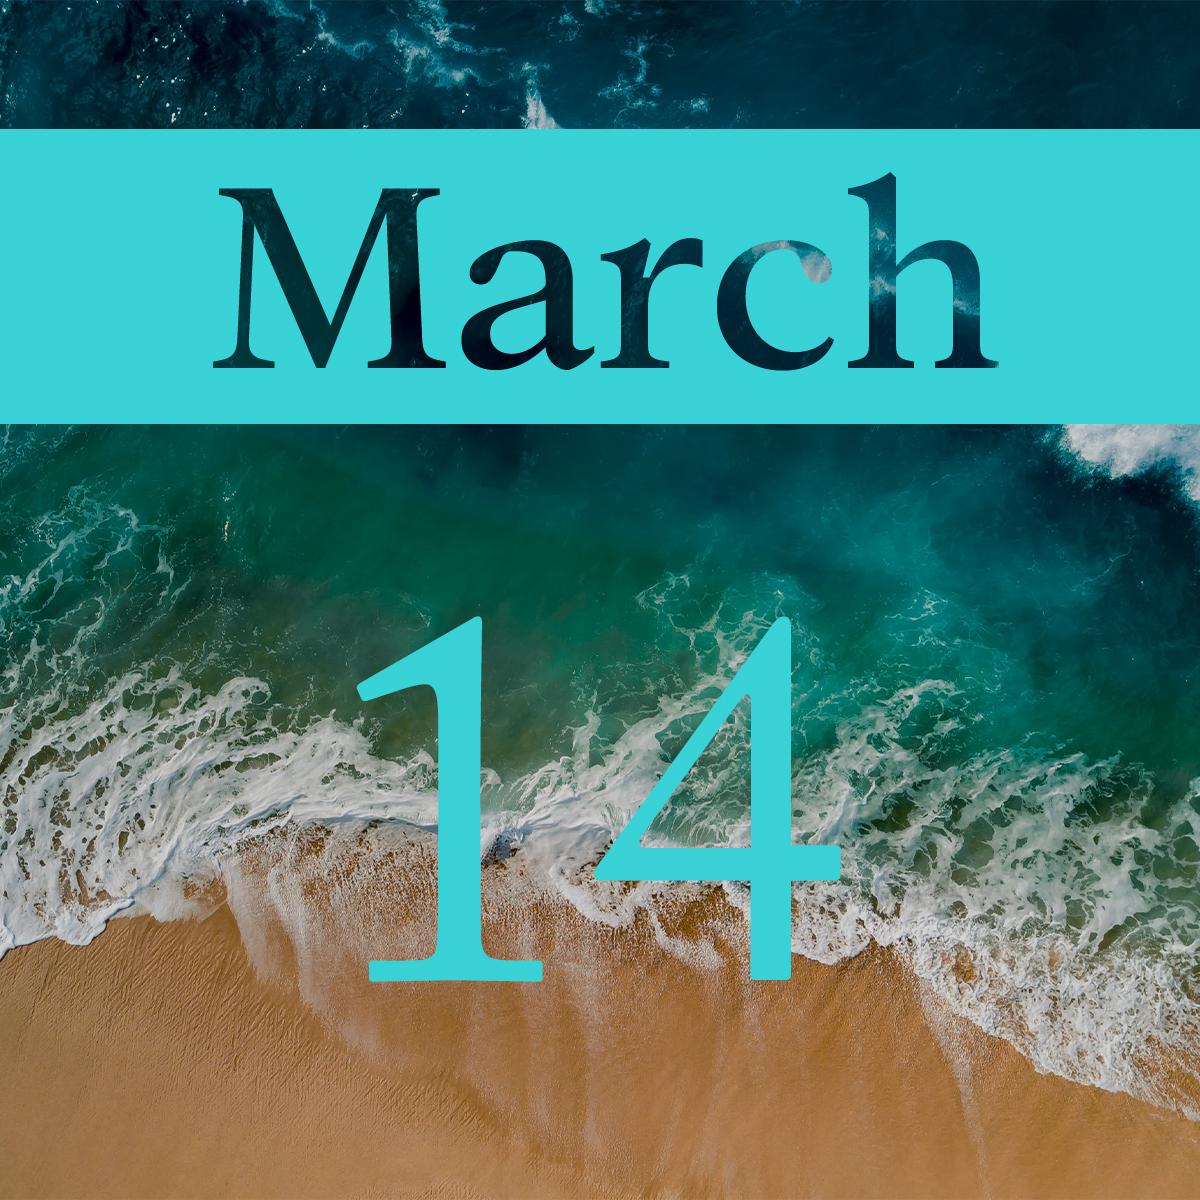 Saturday, March 14th